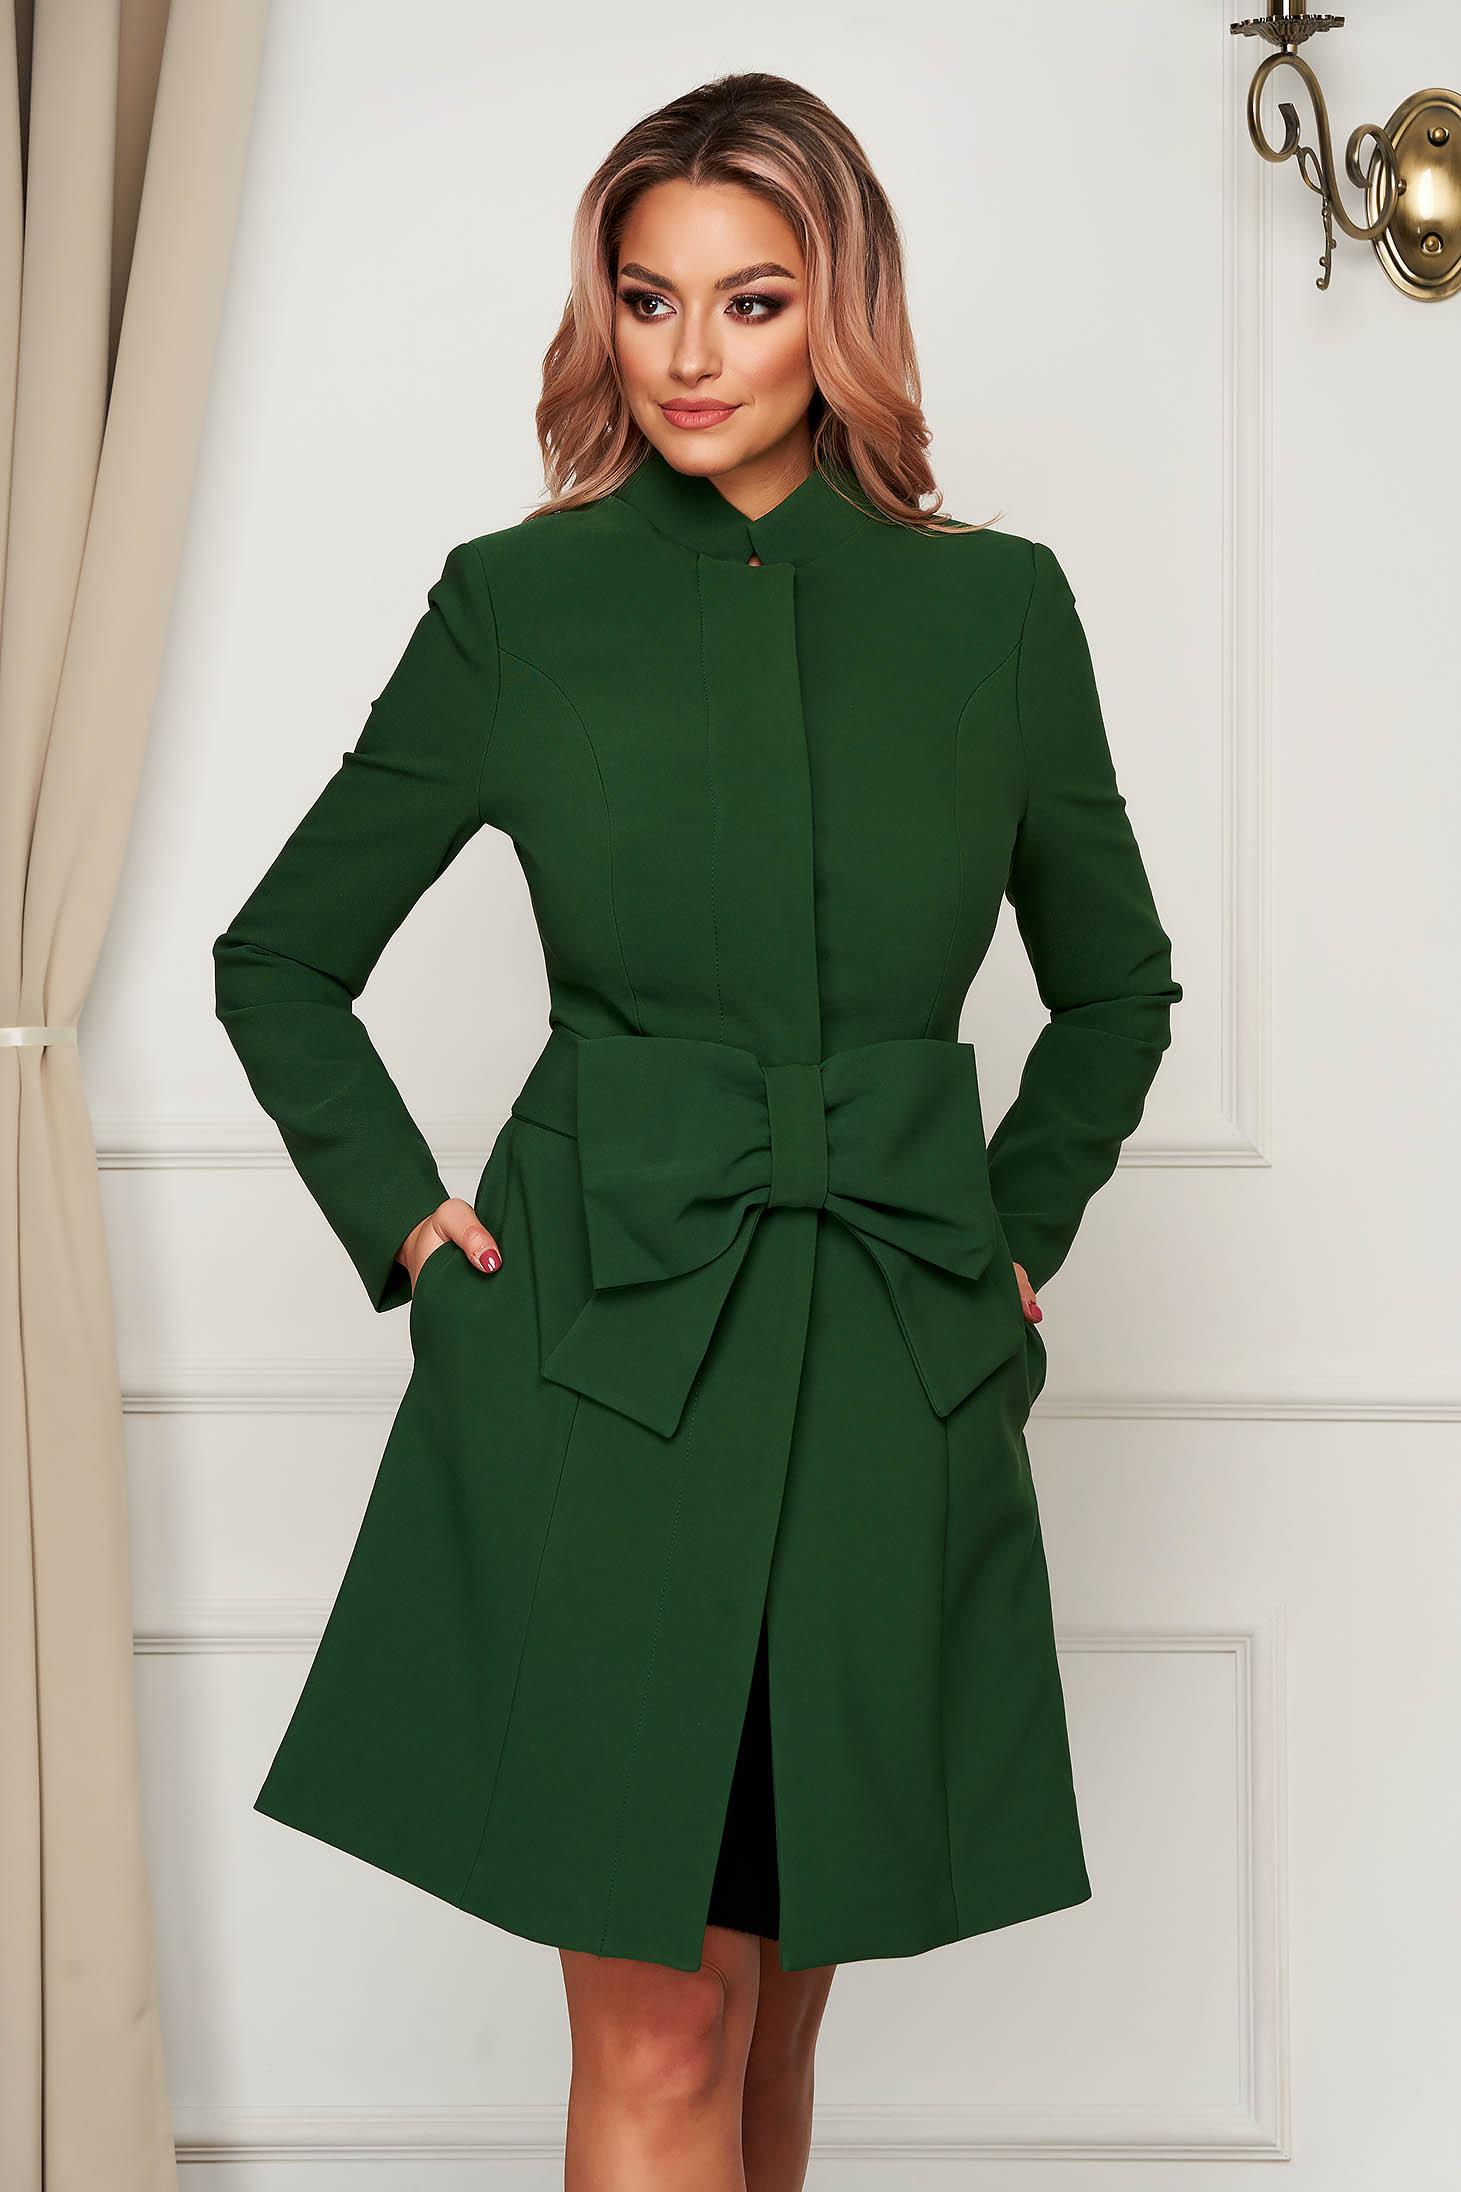 Zöld harang béléssel övvel ellátva elegáns masni alakú kiegészítővel kabát